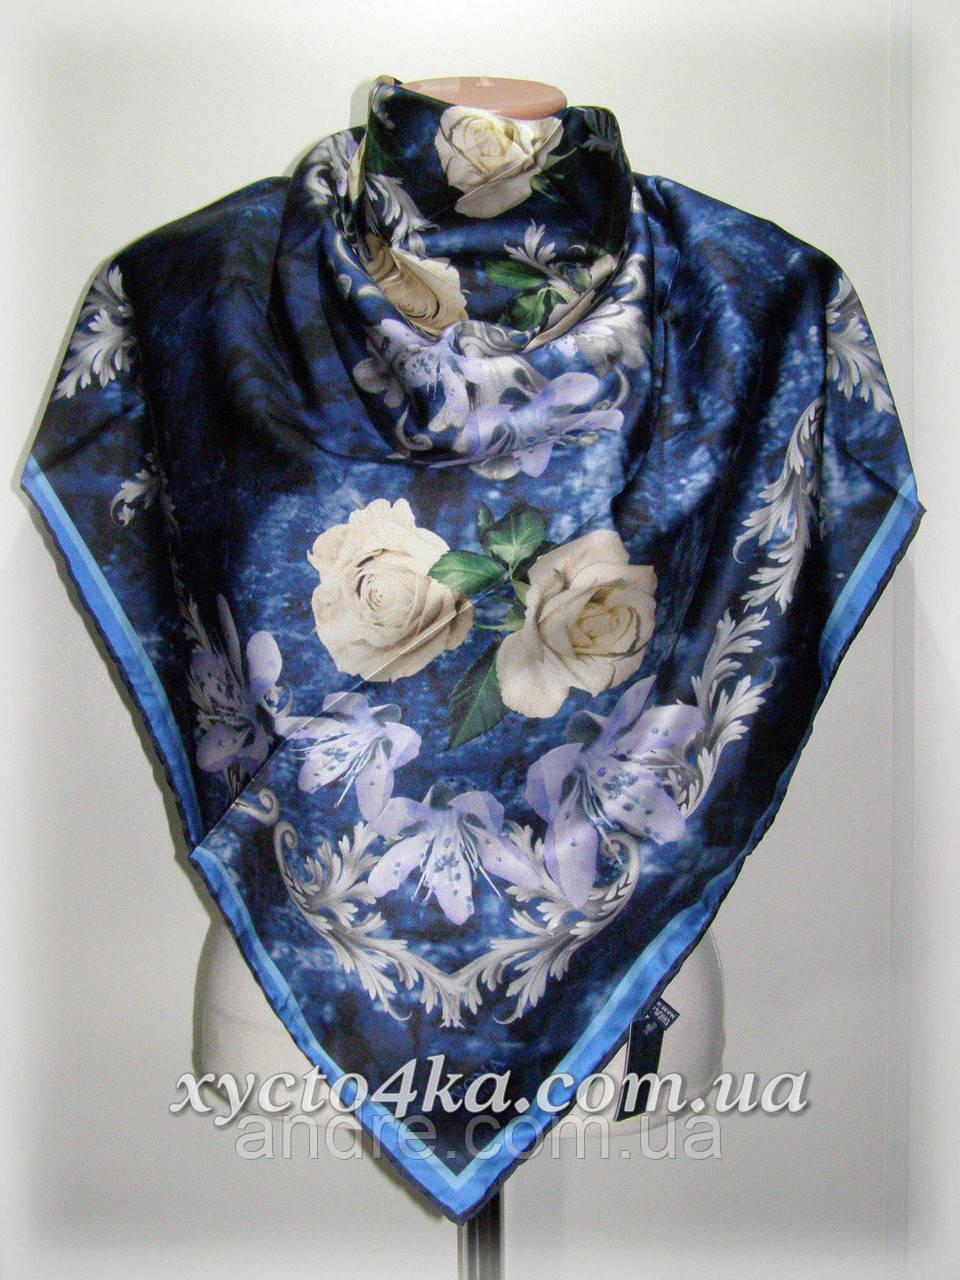 Шелковый платок дыхание весны, синий